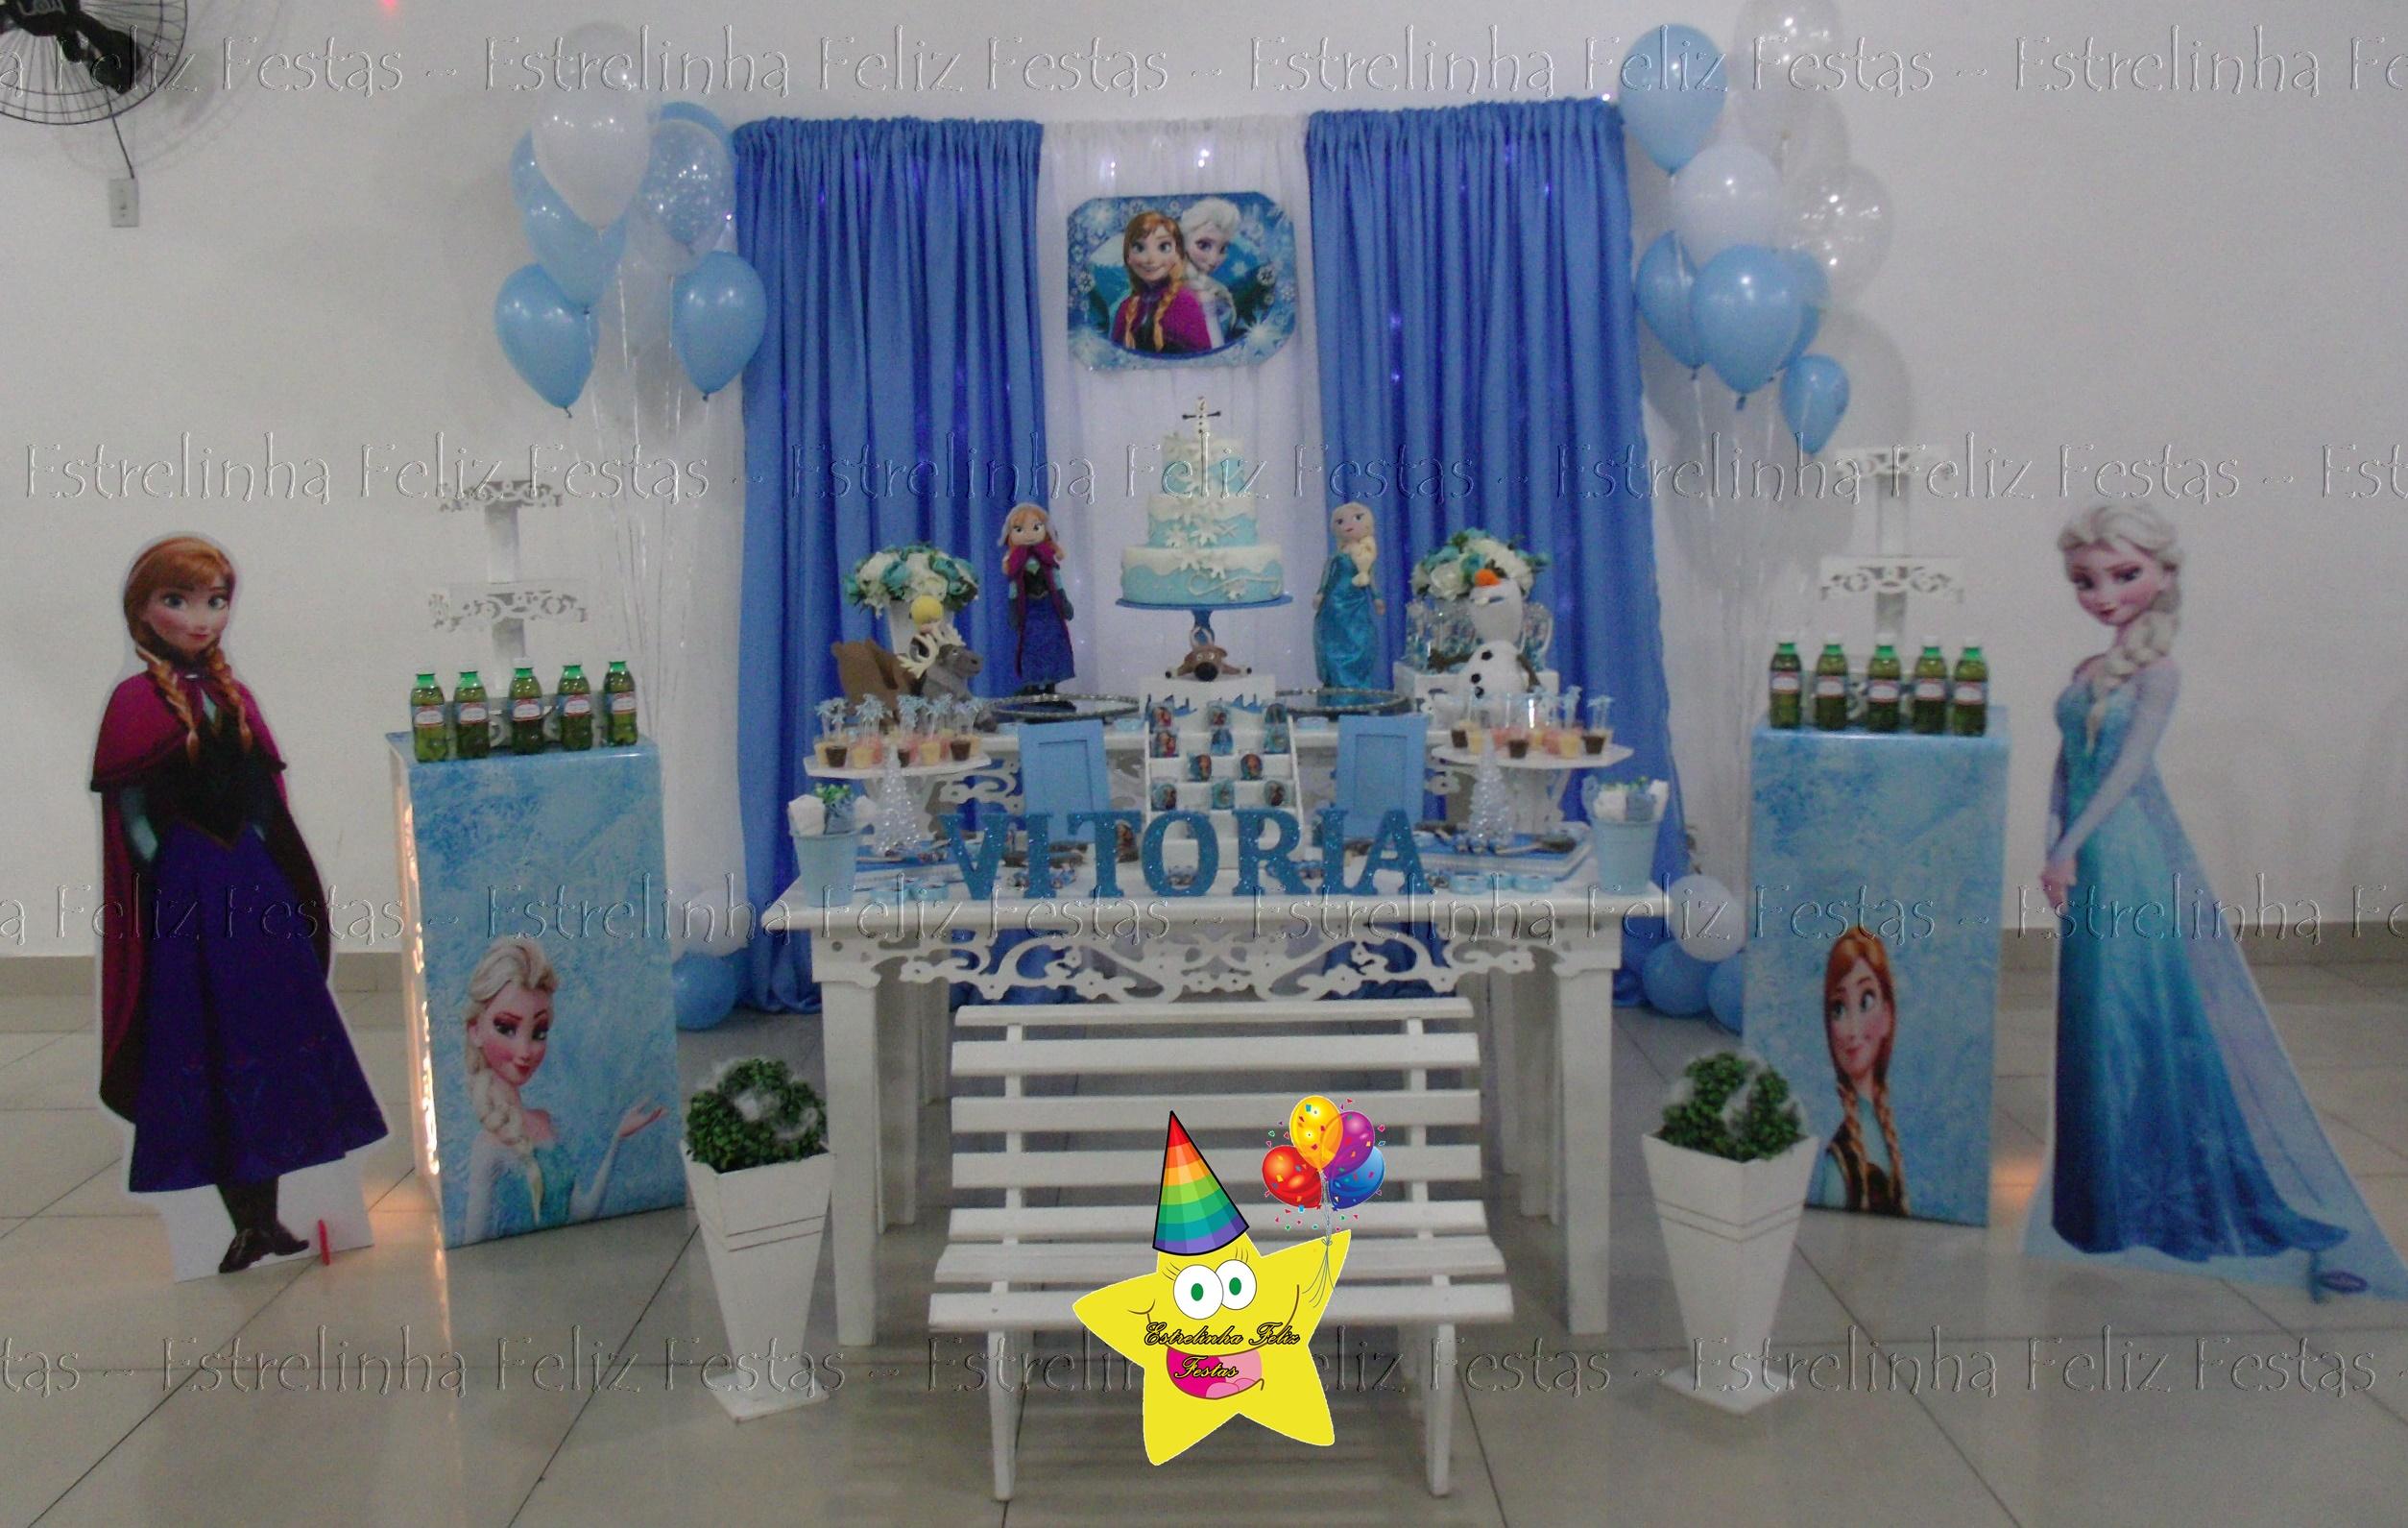 Decoração De Festa Infantil Frozen No Elo7 Estrelinha Feliz Festas